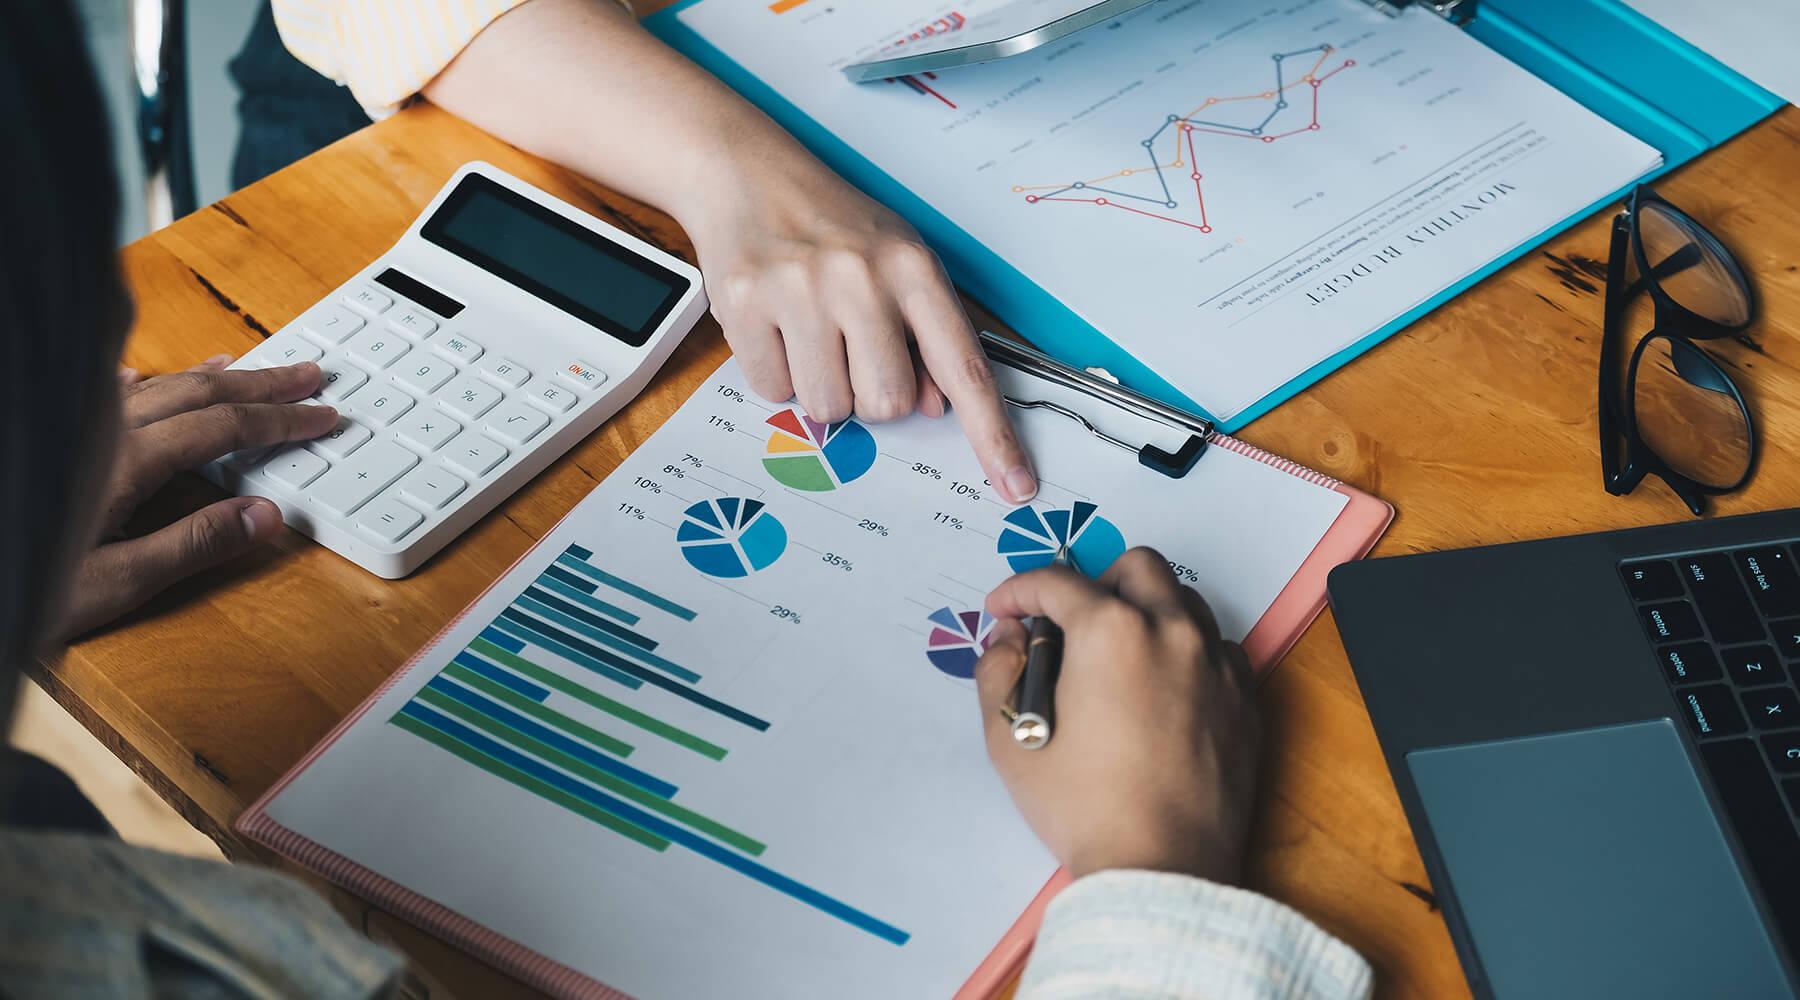 Chuyên đề: Kế toán Tập đoàn & Hợp nhất Báo cáo Tài chính